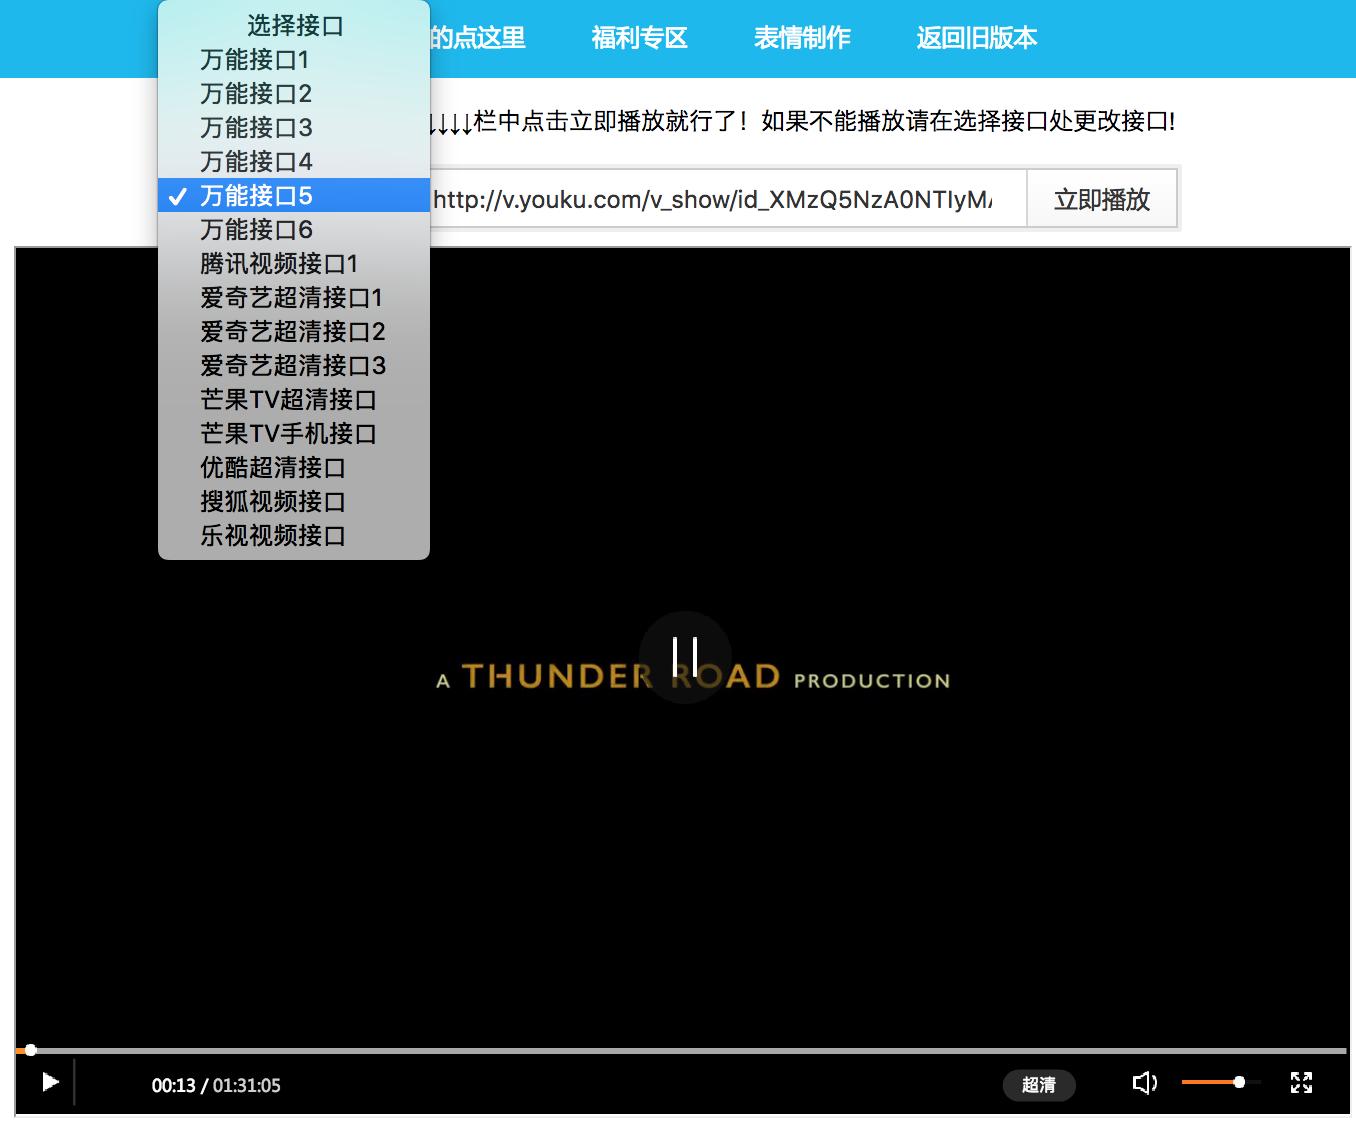 免费无广告在线观看优酷、爱奇艺、腾讯VIP视频,无需安装任何软件!-iQiQi